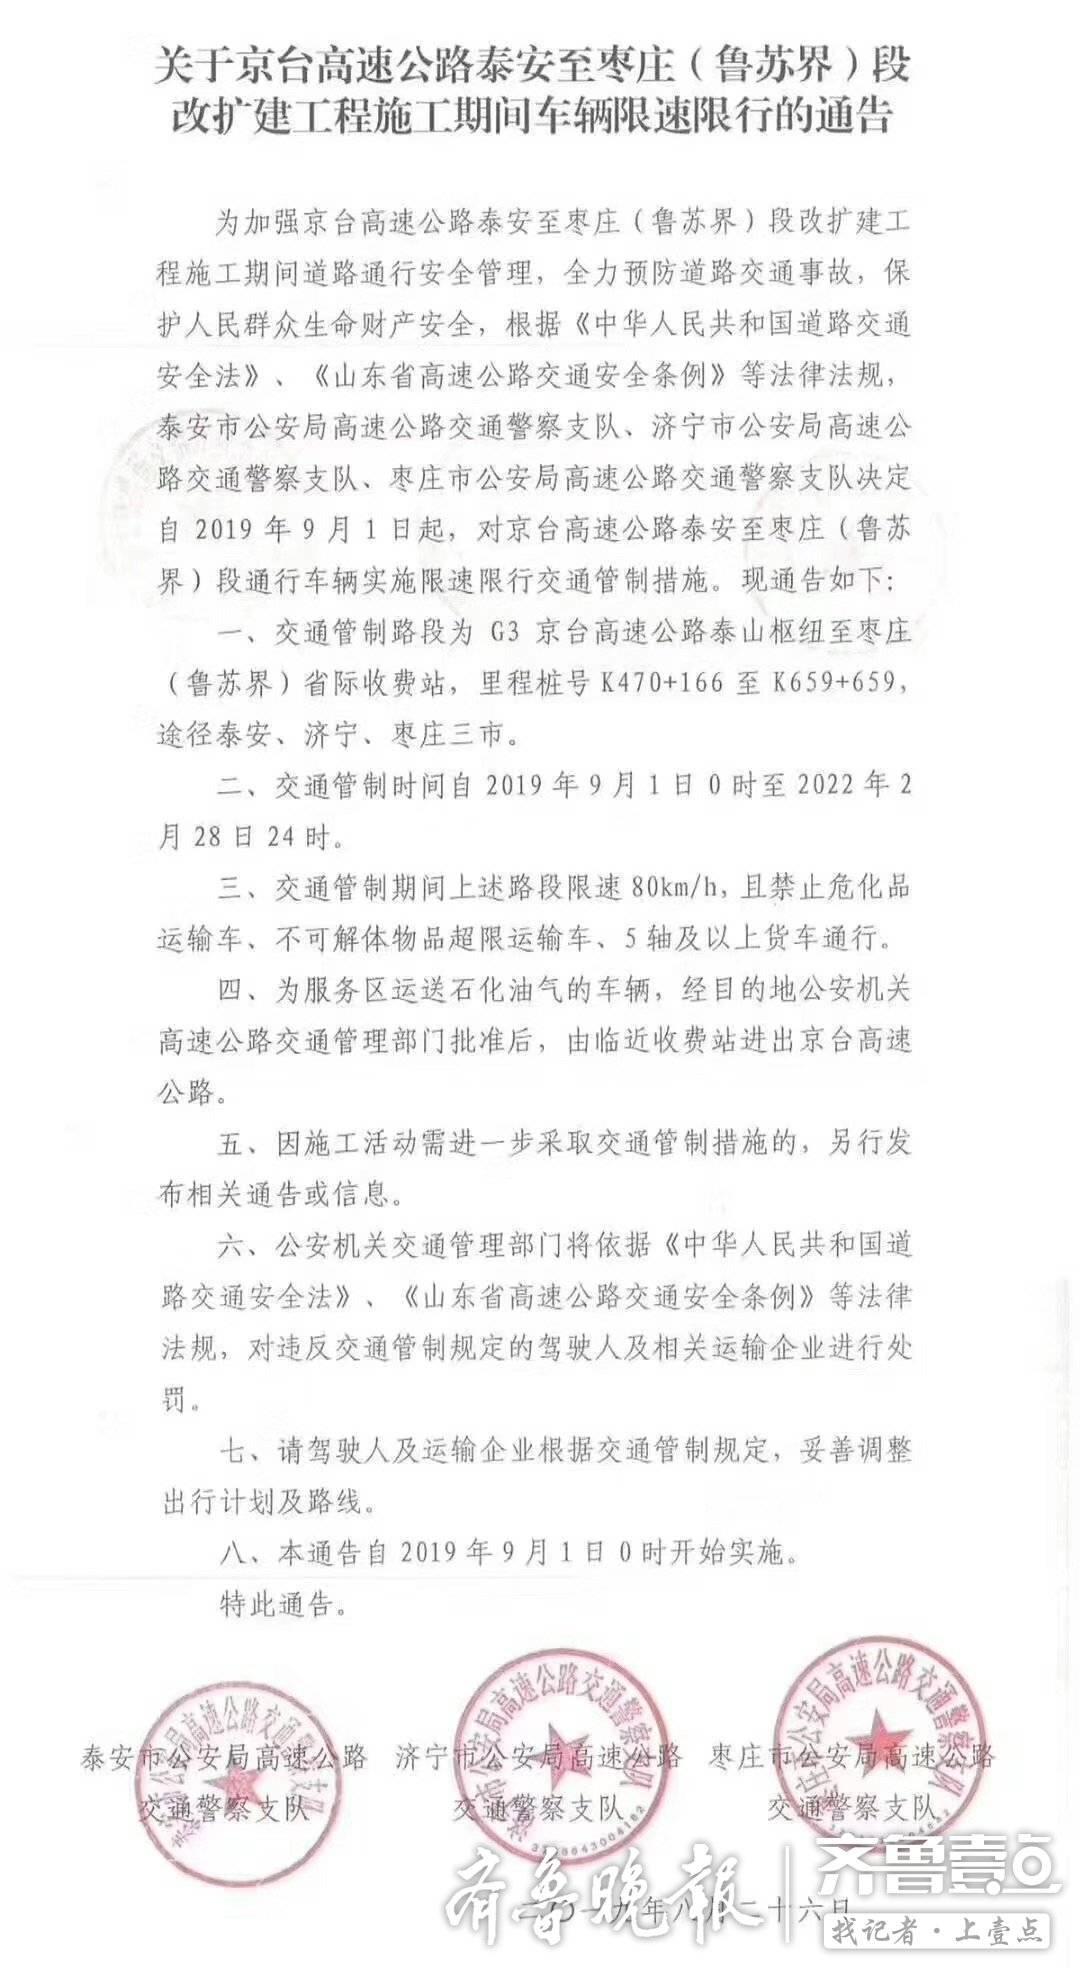 周知!9月1日起京台高速泰安至枣庄段因施工限速80